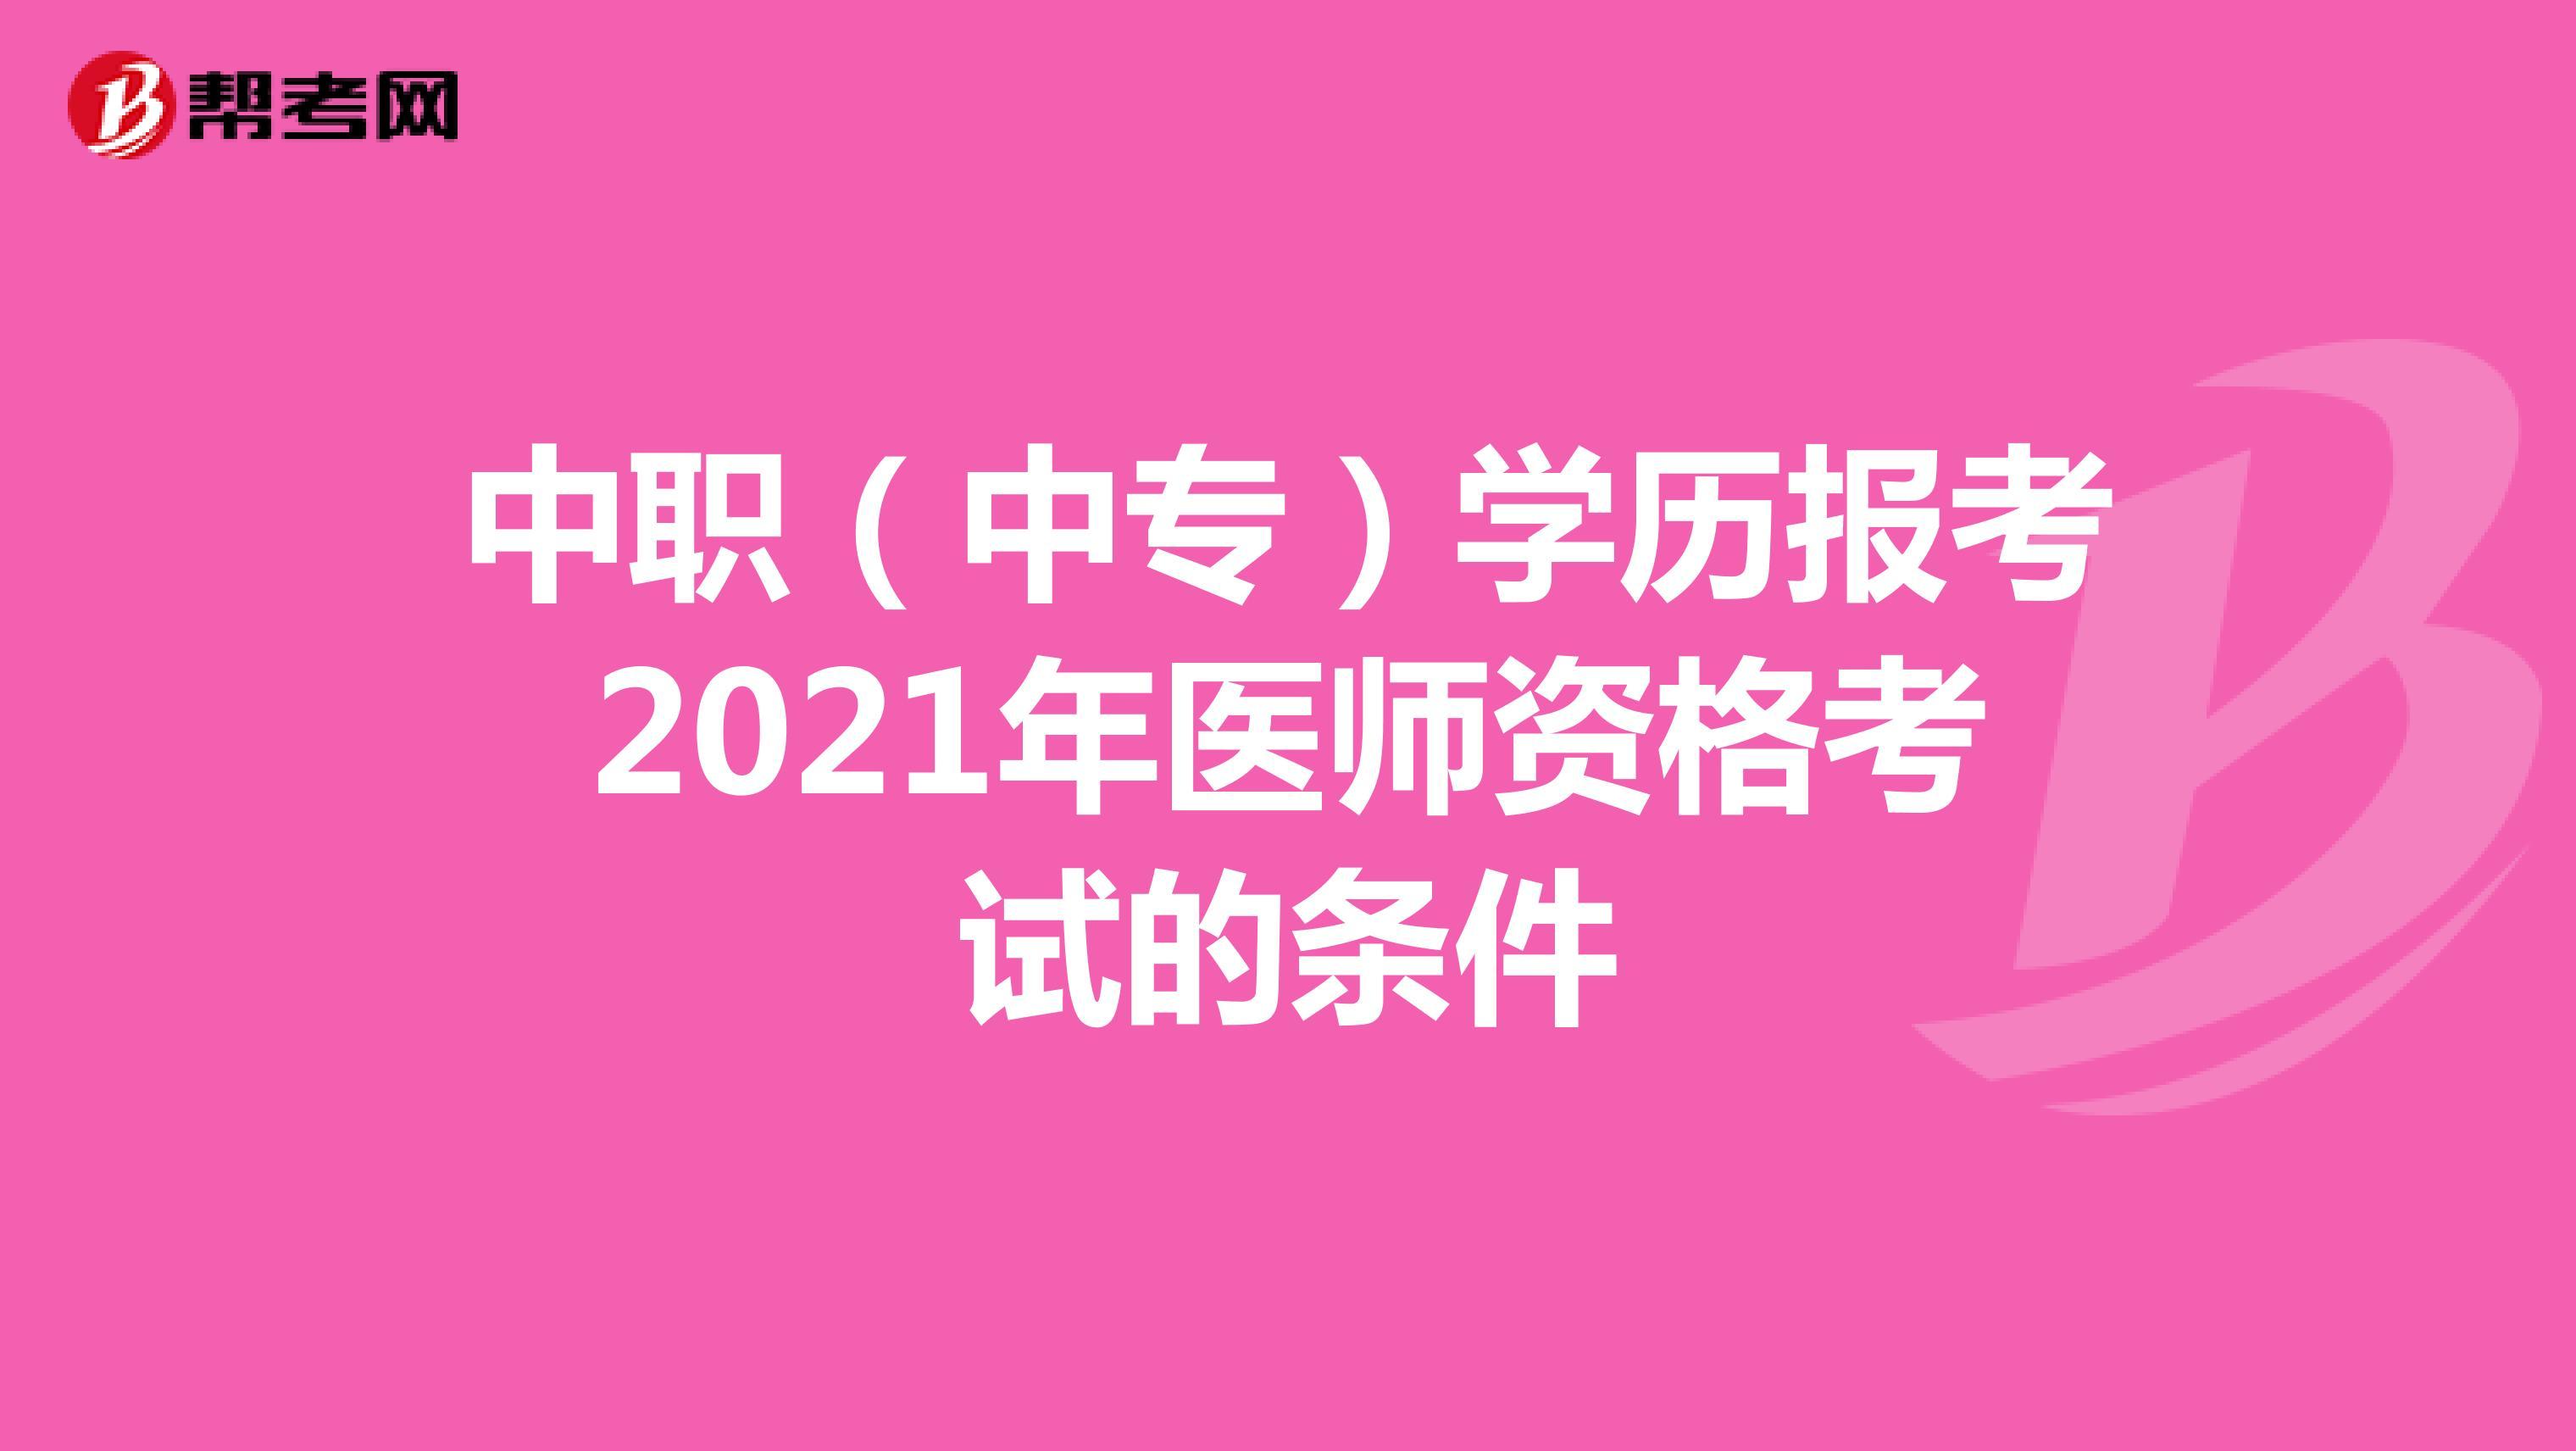 中职(中专)学历报考2021年医师资格考试的条件